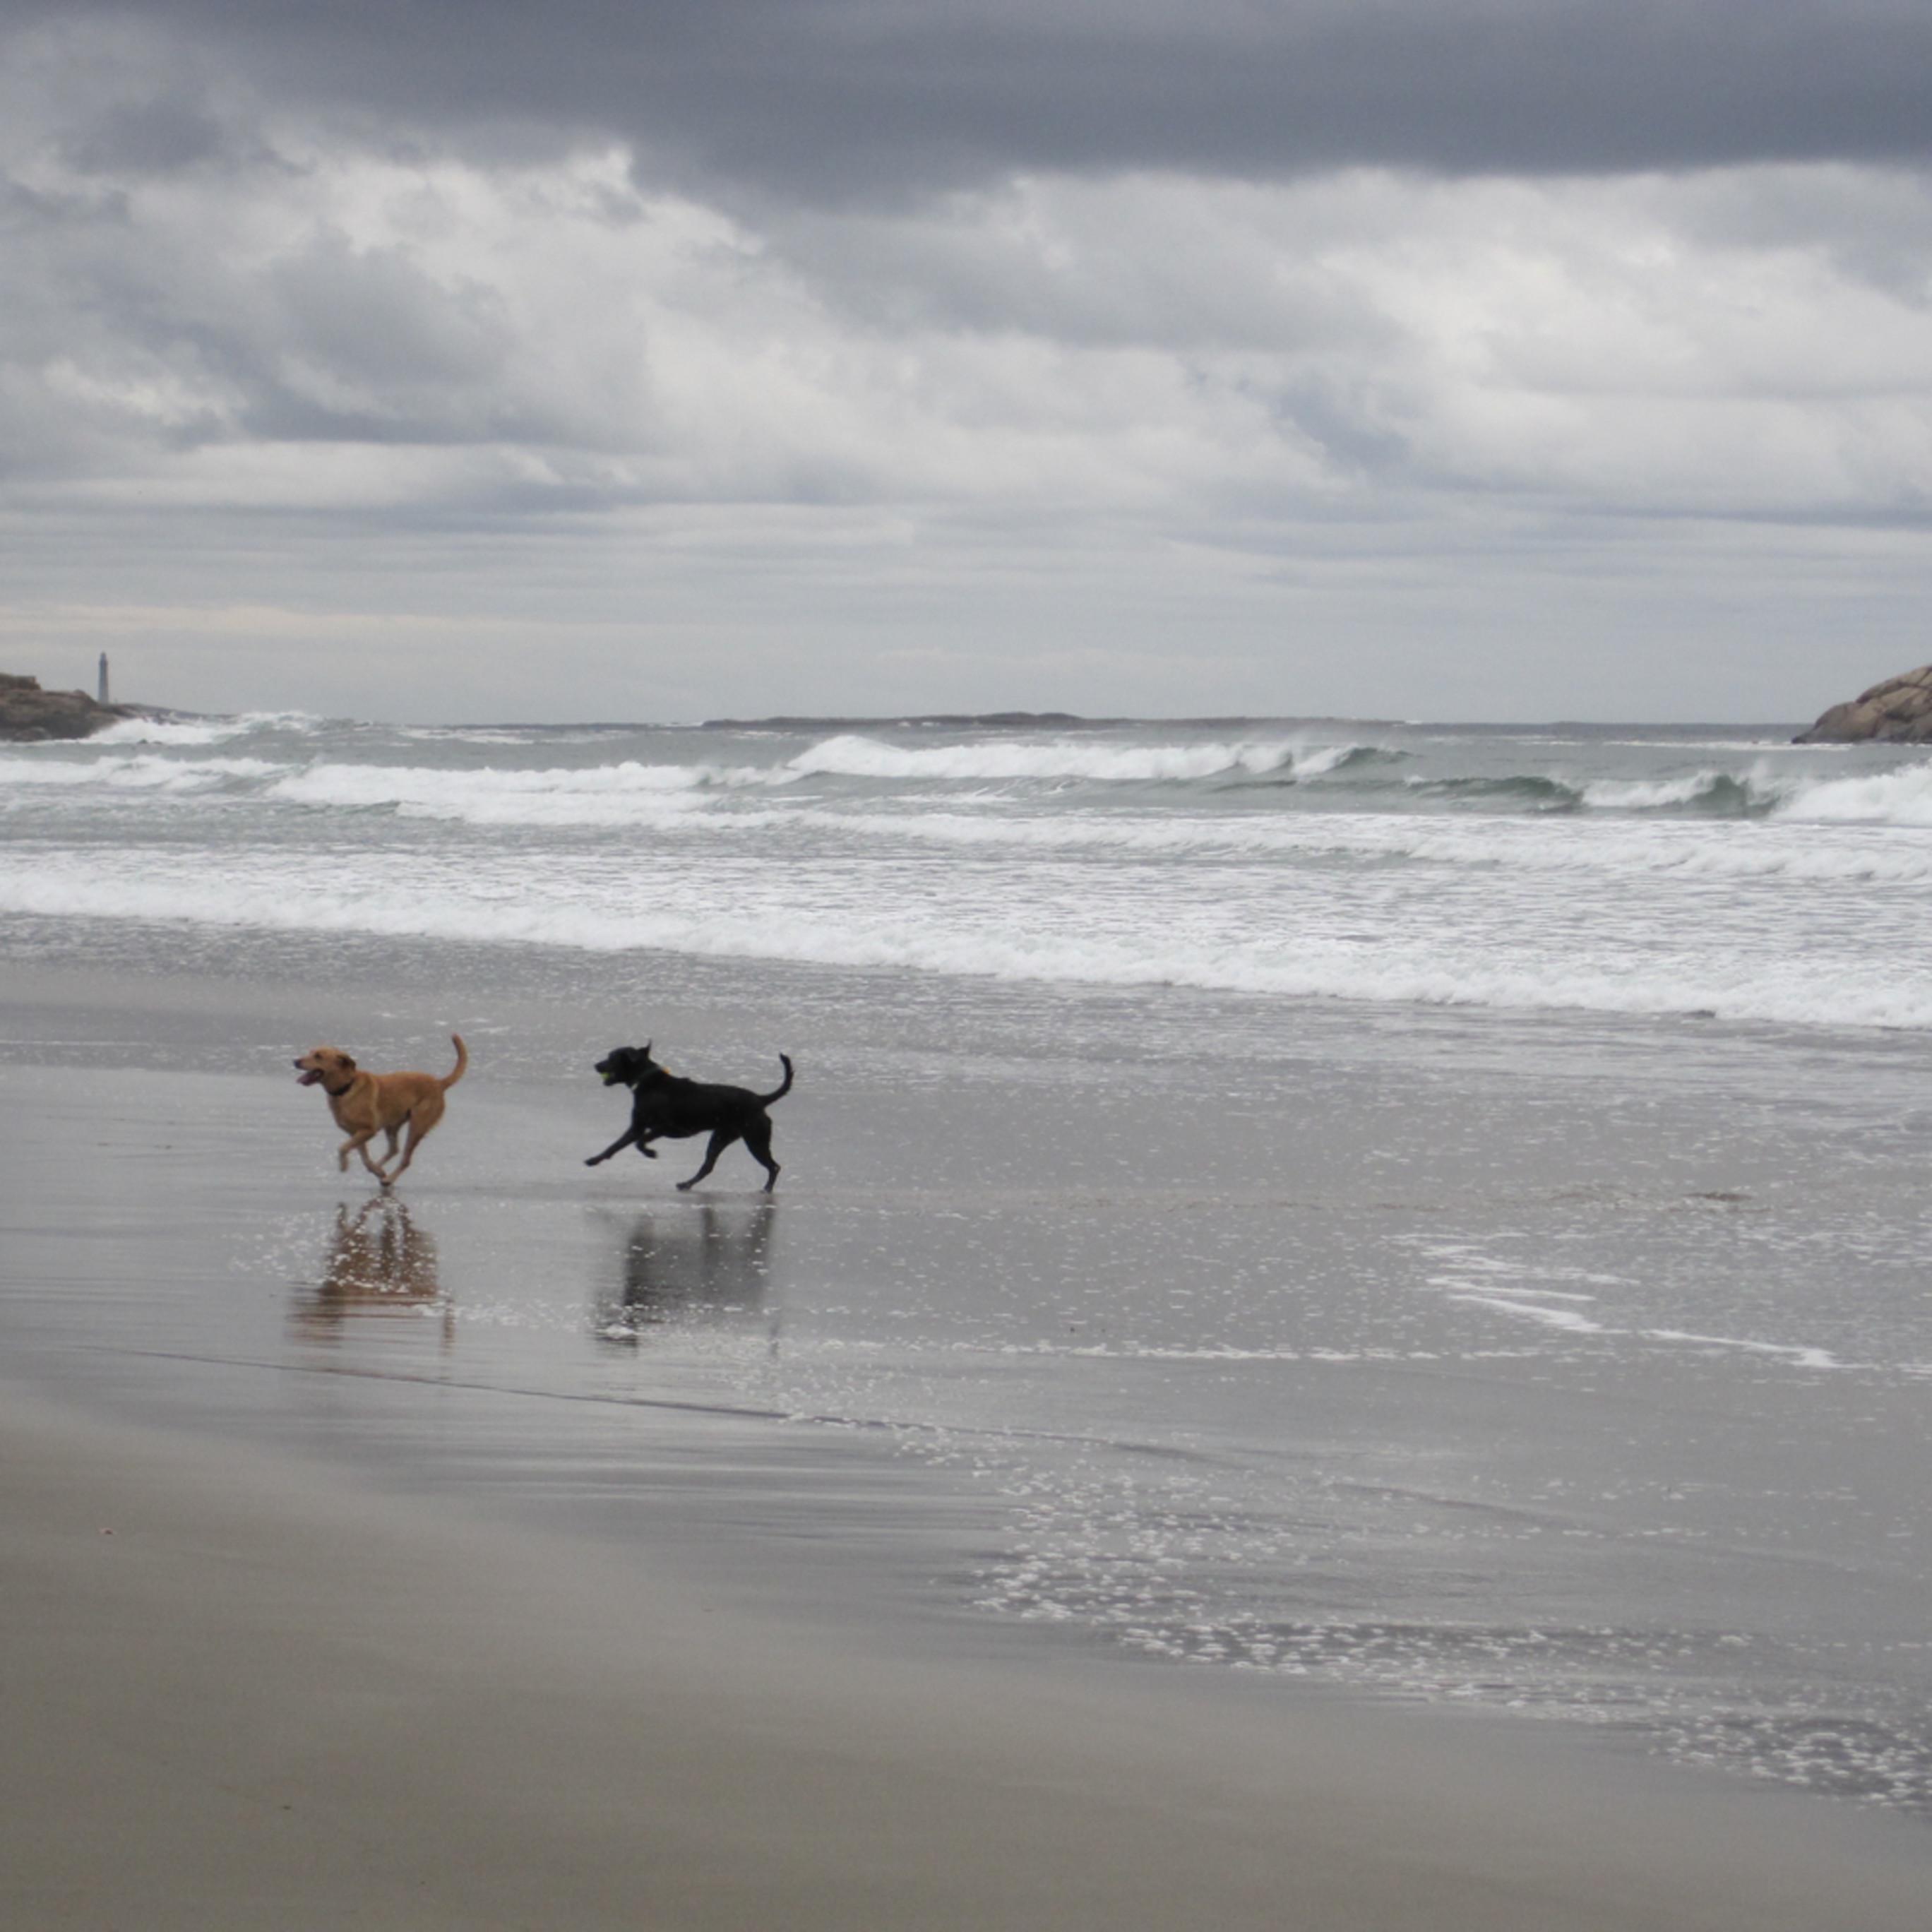 Dogs on the beach a6pj8w